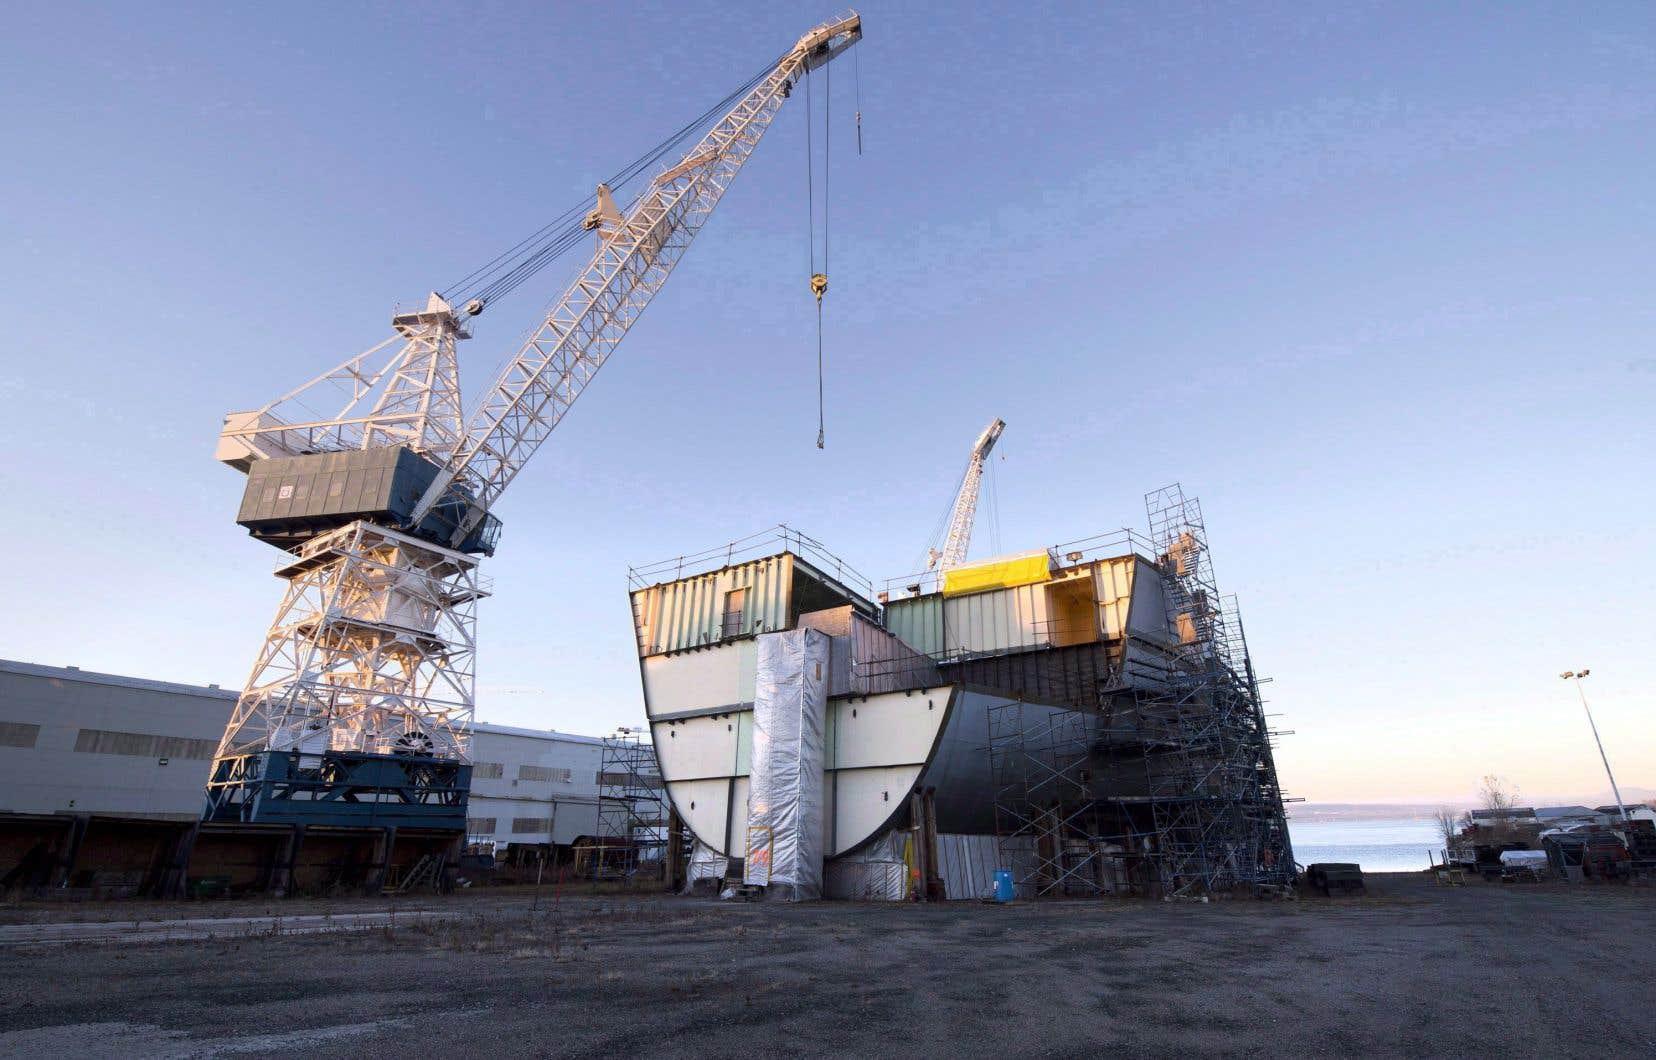 Le chantier maritime loue cet ancien porte-conteneurs converti en ravitailleur à la Marine royale canadienne dans le cadre d'un contrat de cinq ans.